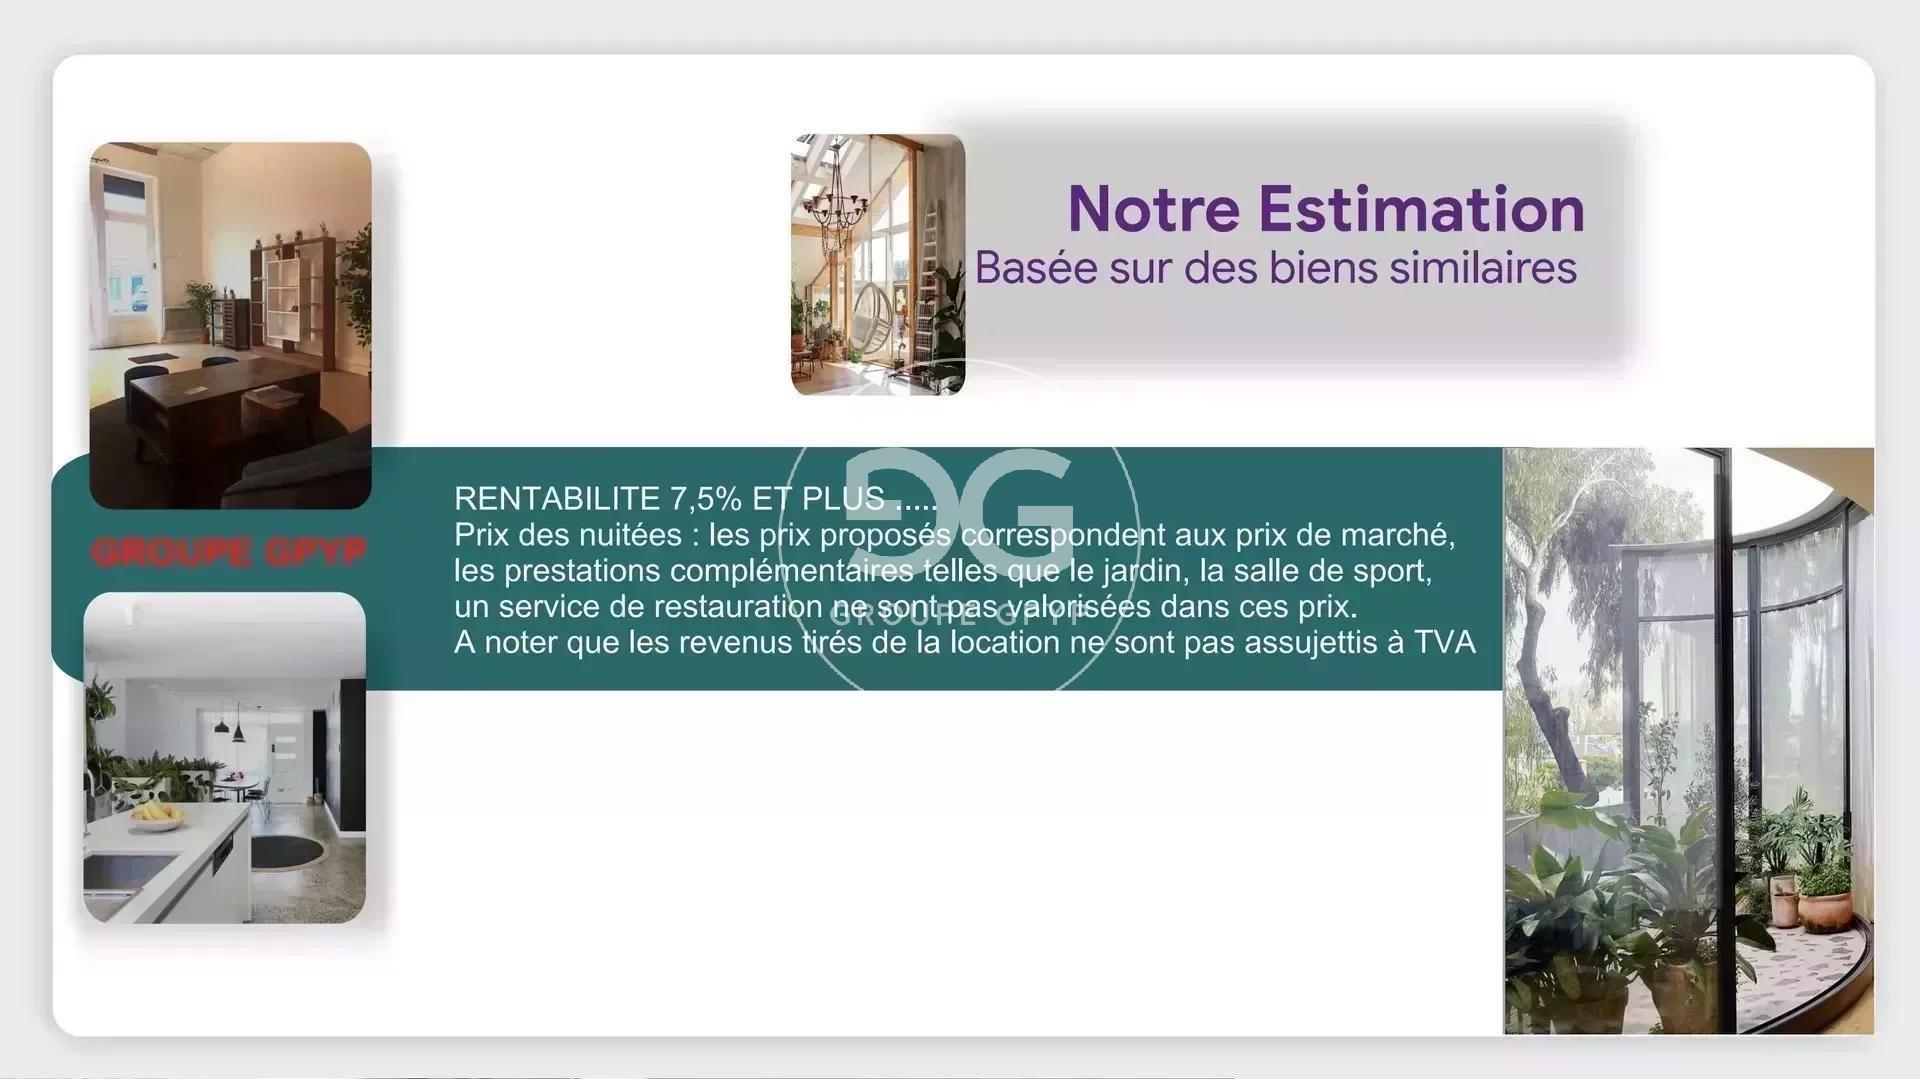 IMMEUBLE COMPLET LE PARK DES BAINS GRENOBLE-CHAMPIONNET LCD